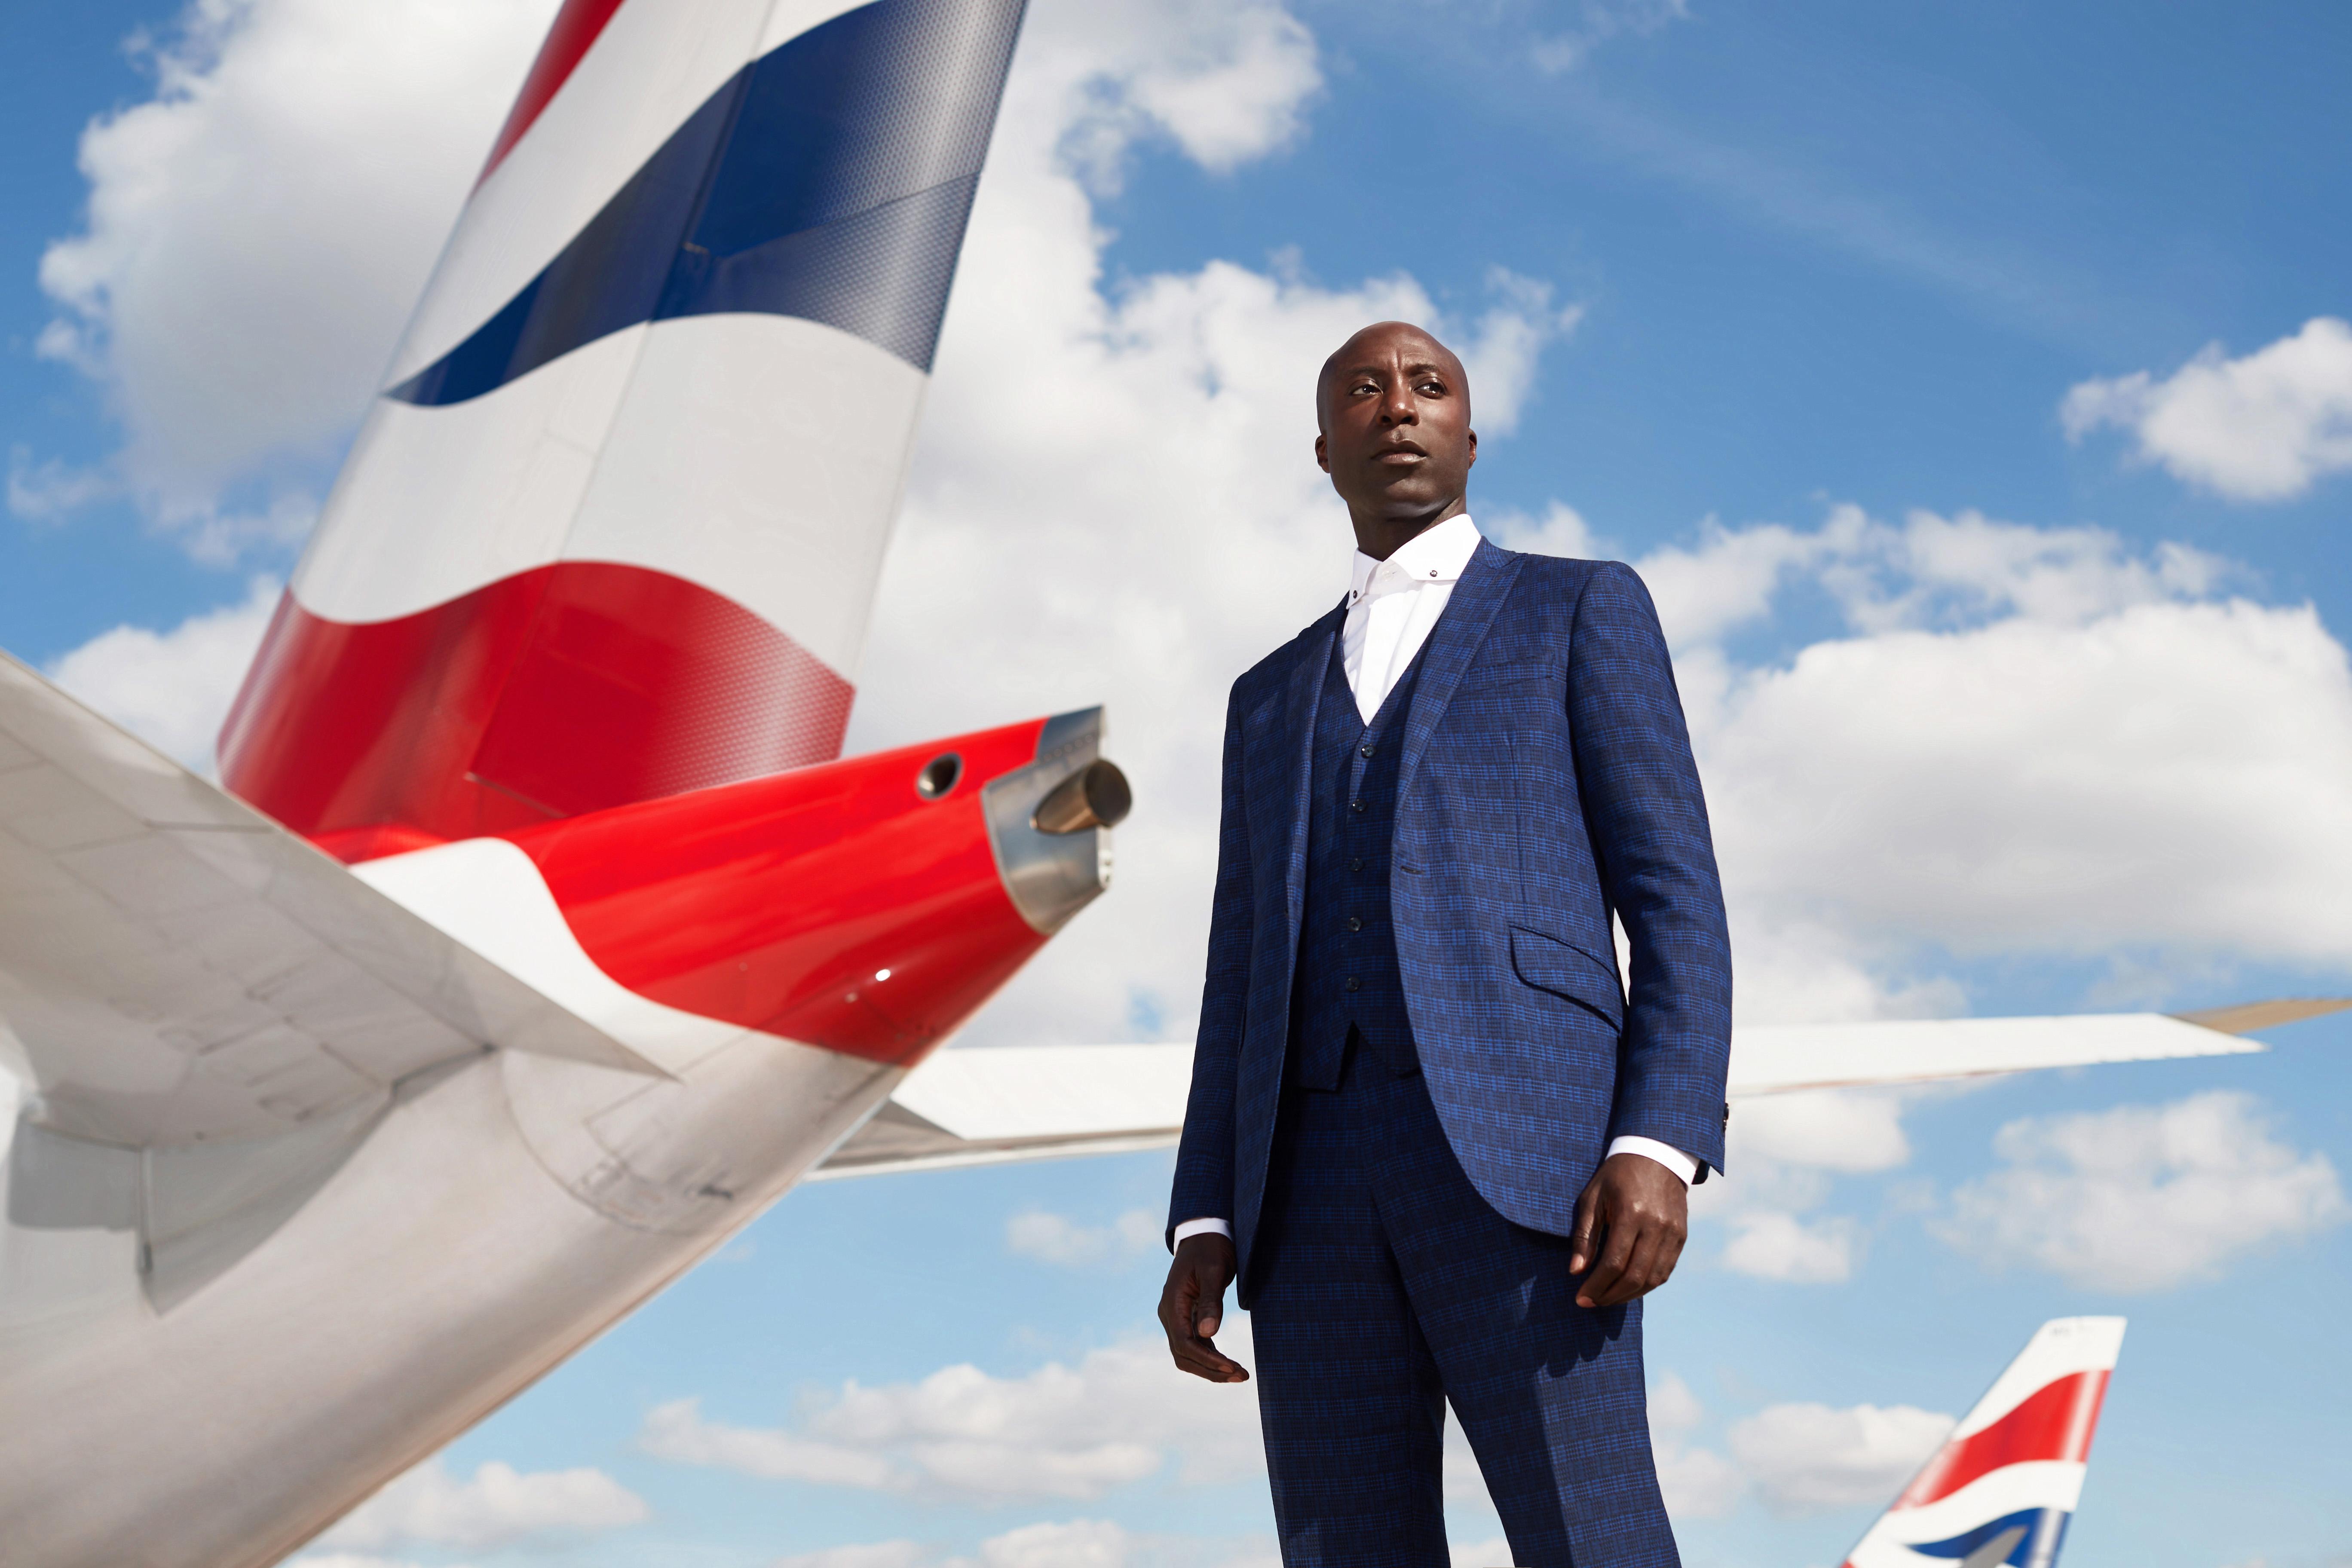 British Airways får nye uniformer designet af den ikoniske britiske skrædder Ozwald Boateng. Foto: British Airways